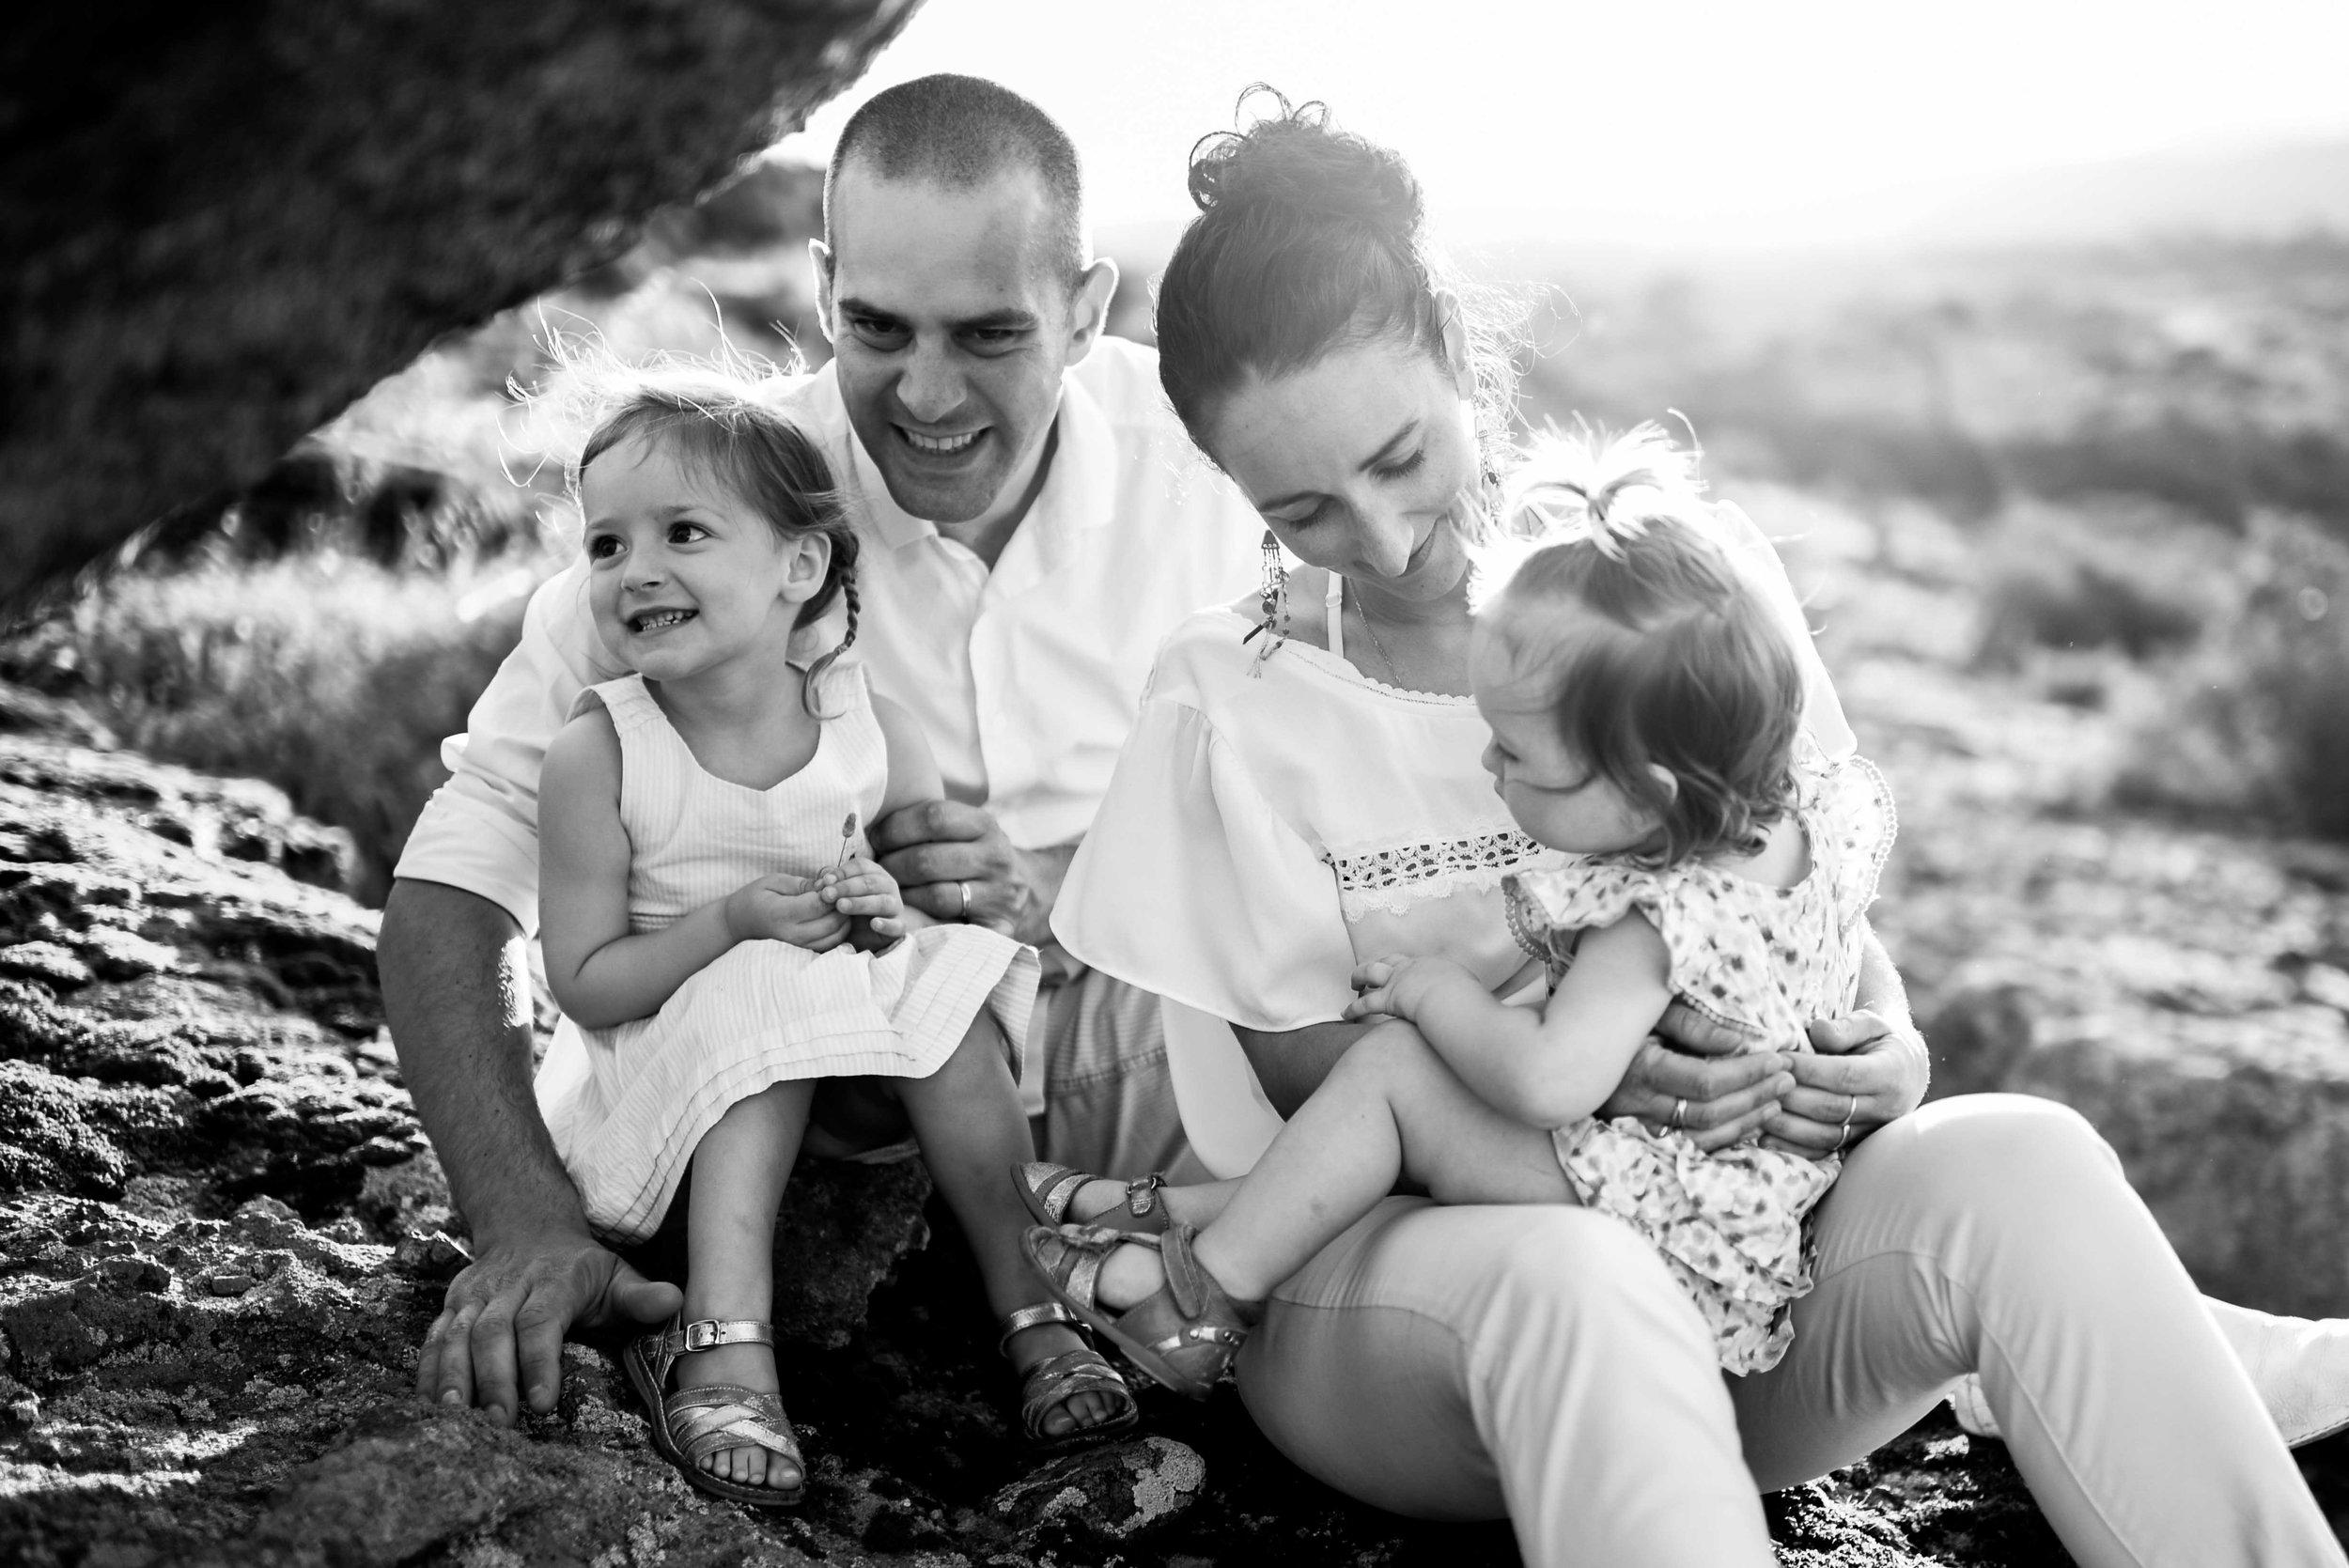 seance-photo-famille-naturelle-et-spontanee-6.jpg